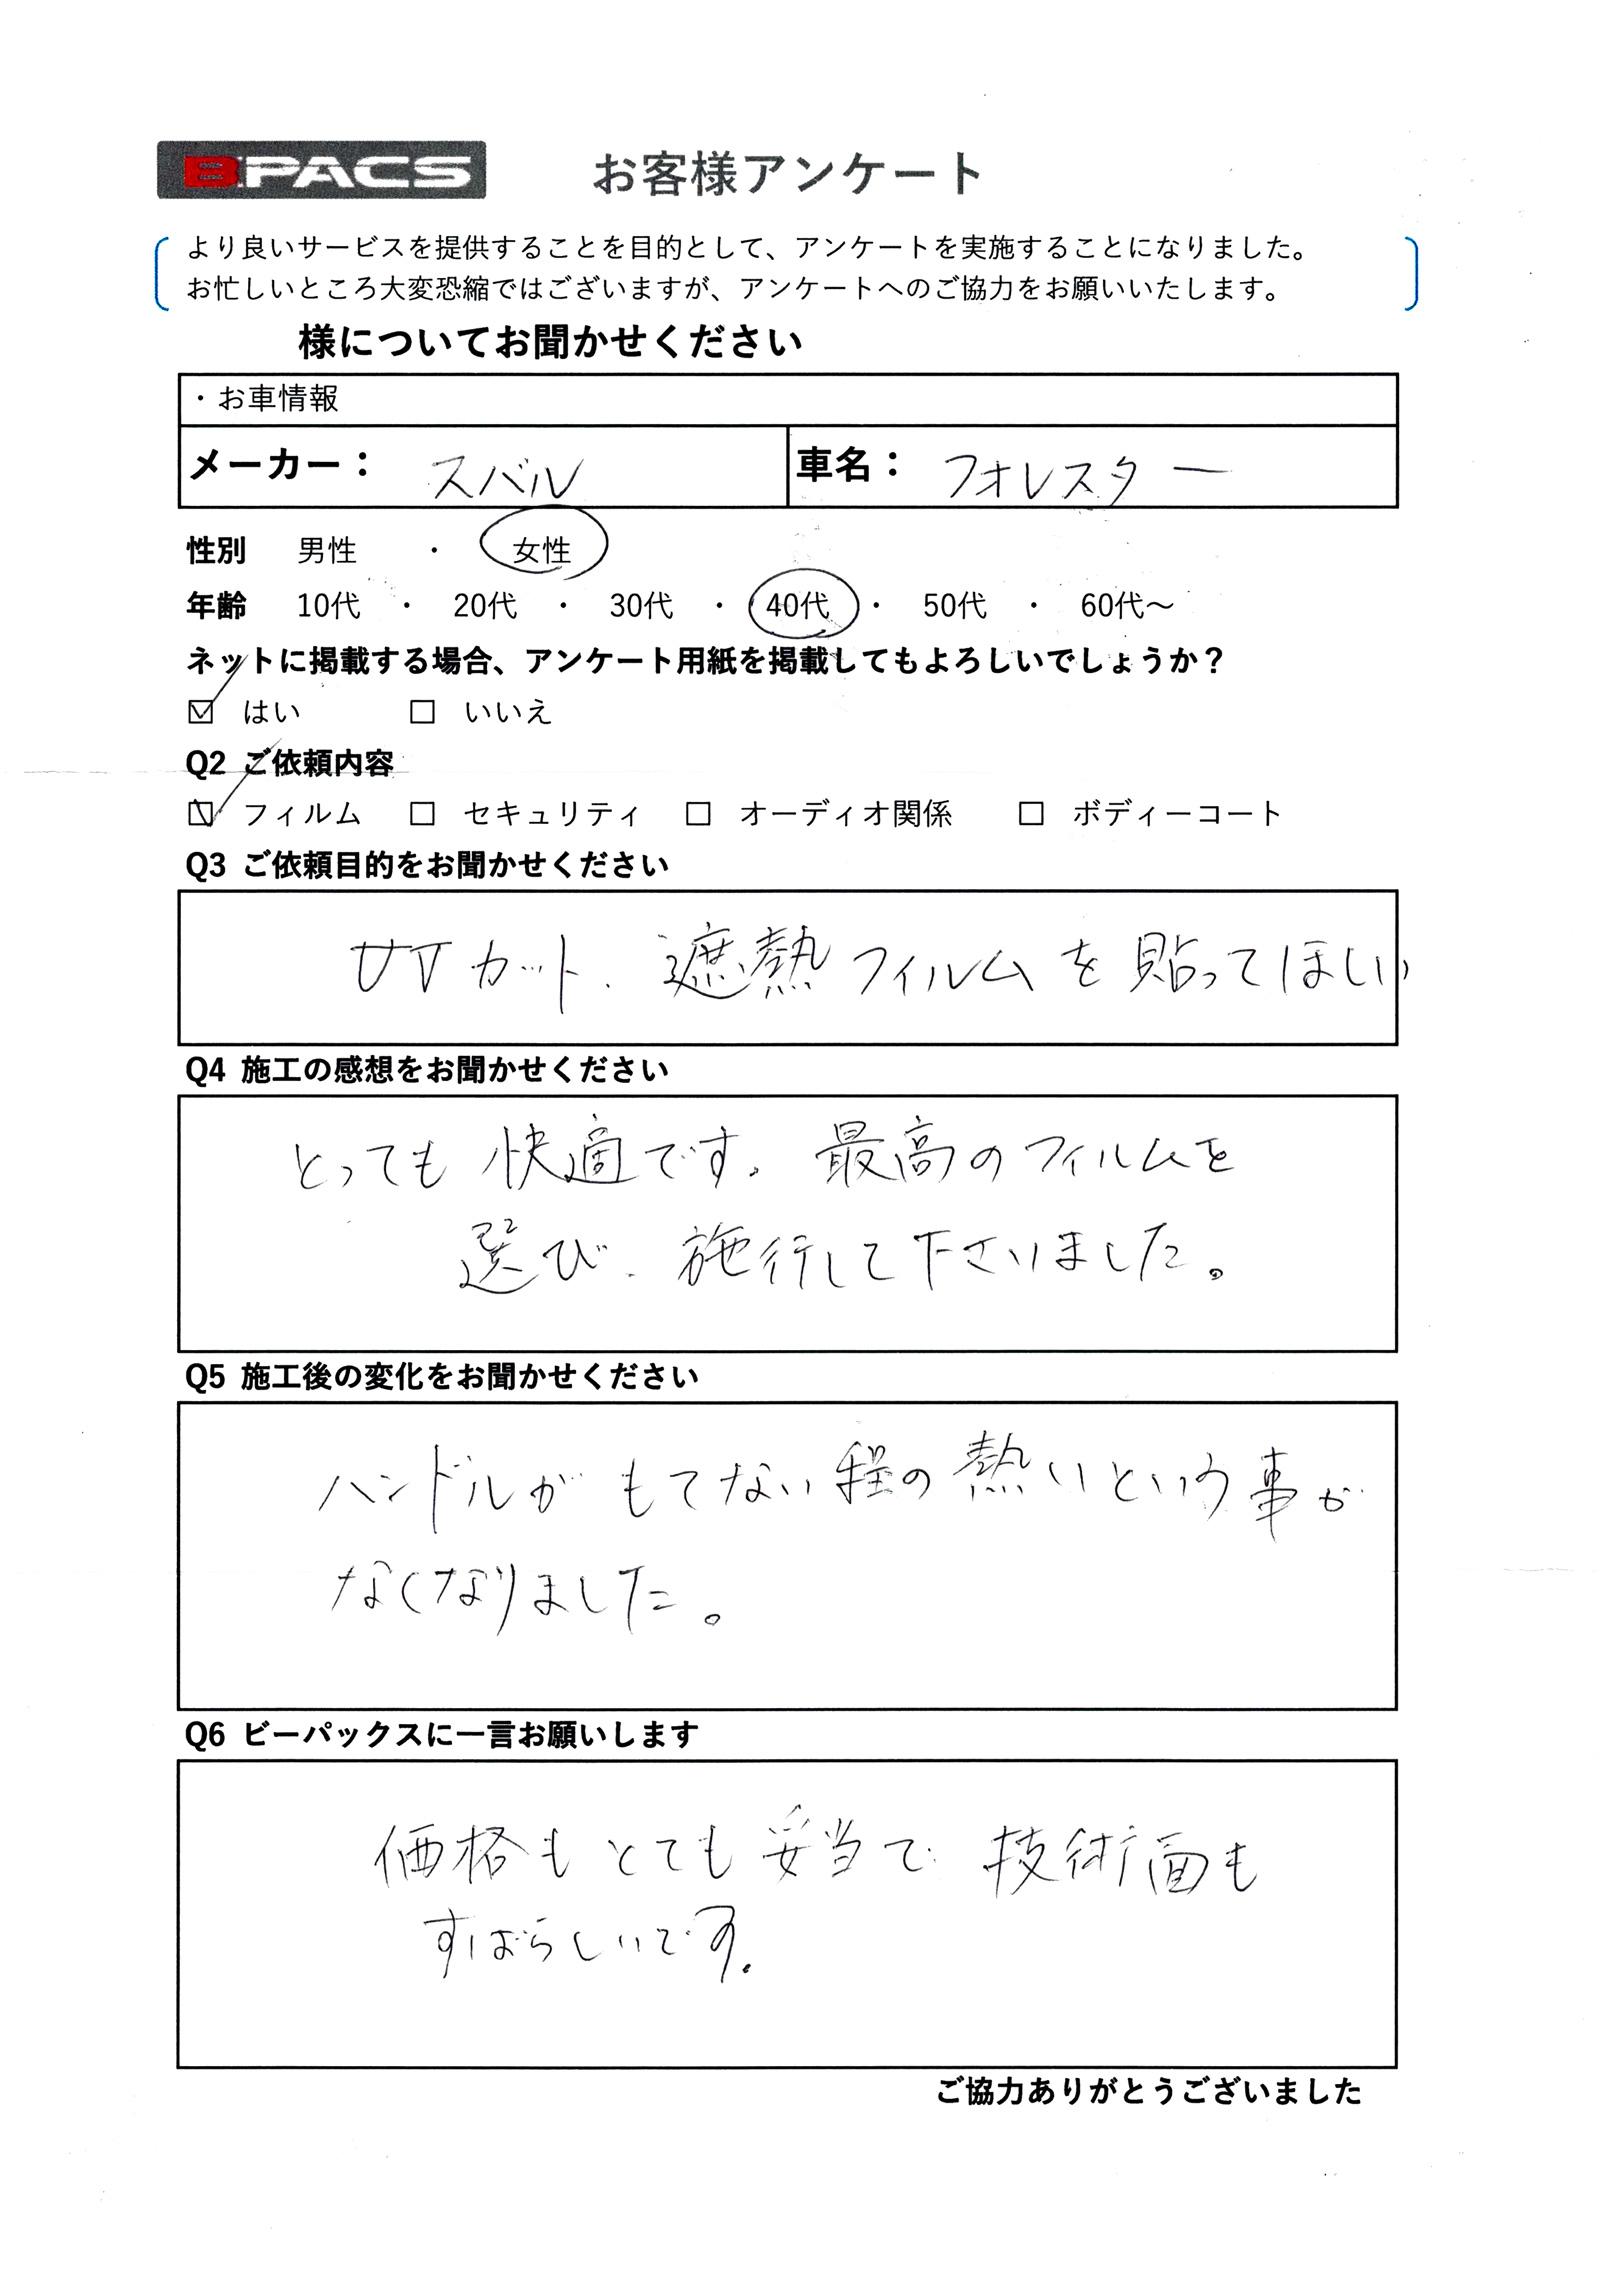 ビーパックスへのクチコミ/お客様の声:スバル フォレスター のお客様(京都市左京区)